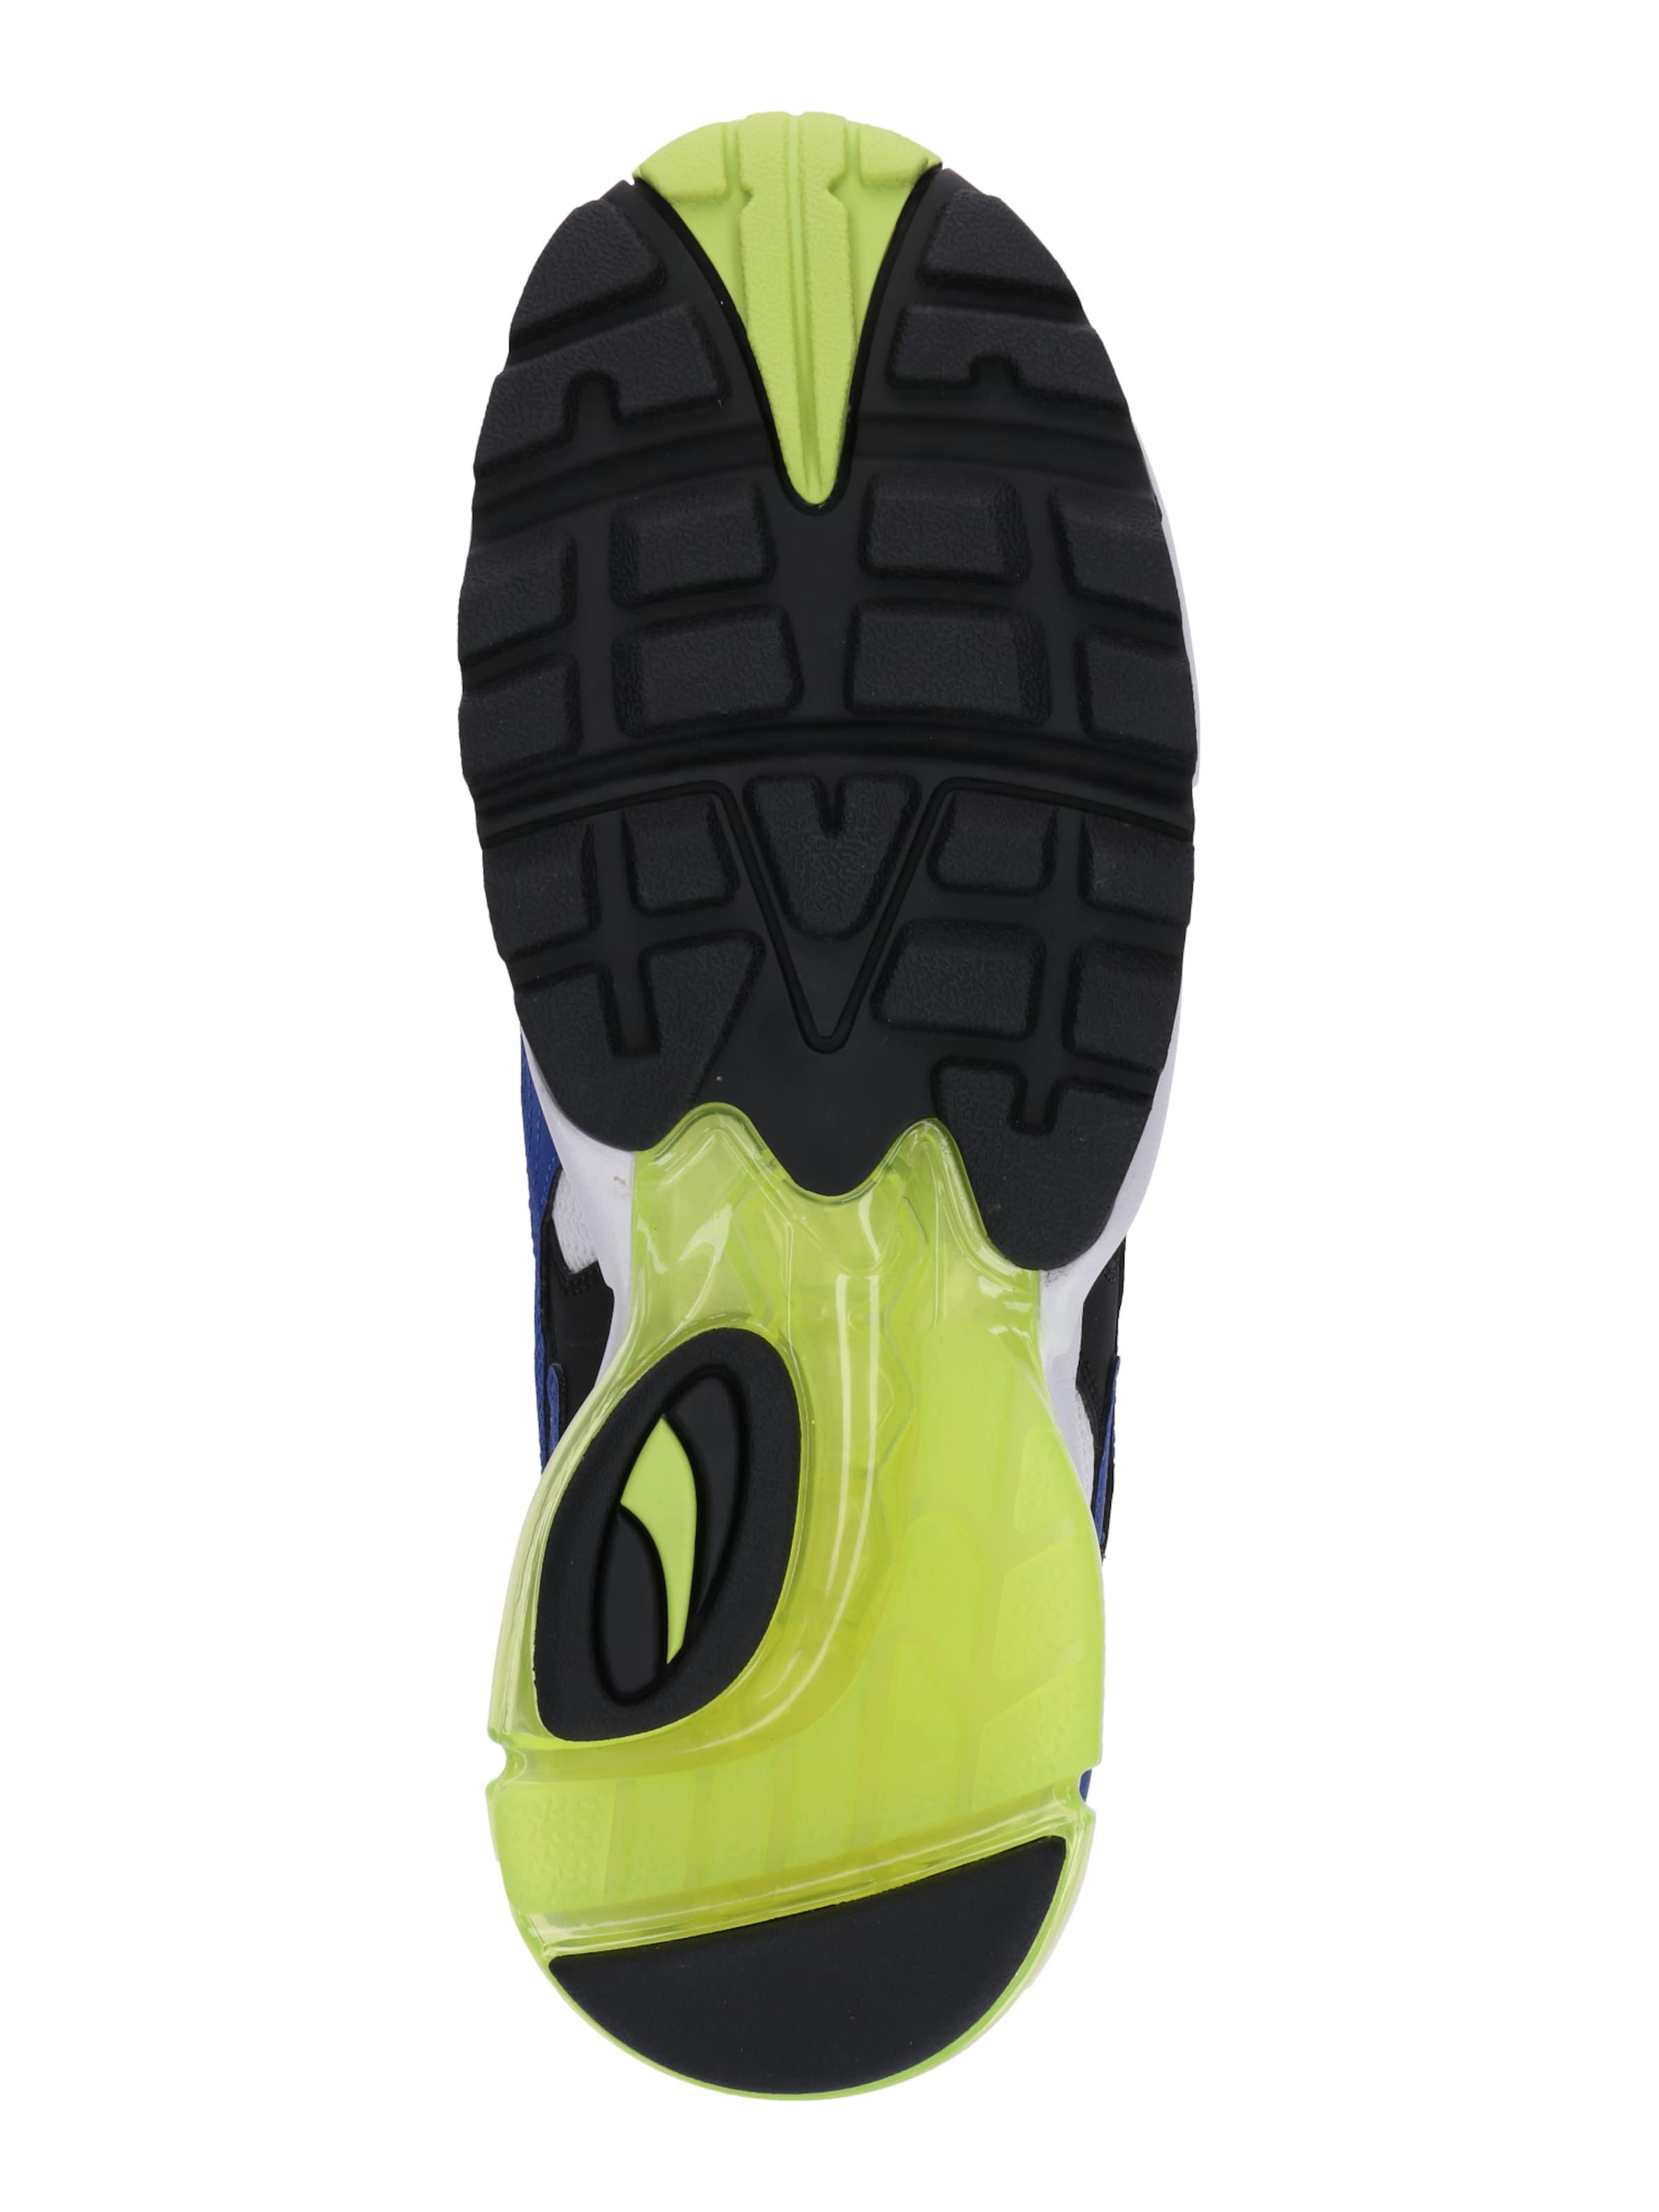 Og' Alien In Puma NavySchwarz 'cell Sneaker wZ8XPNn0Ok